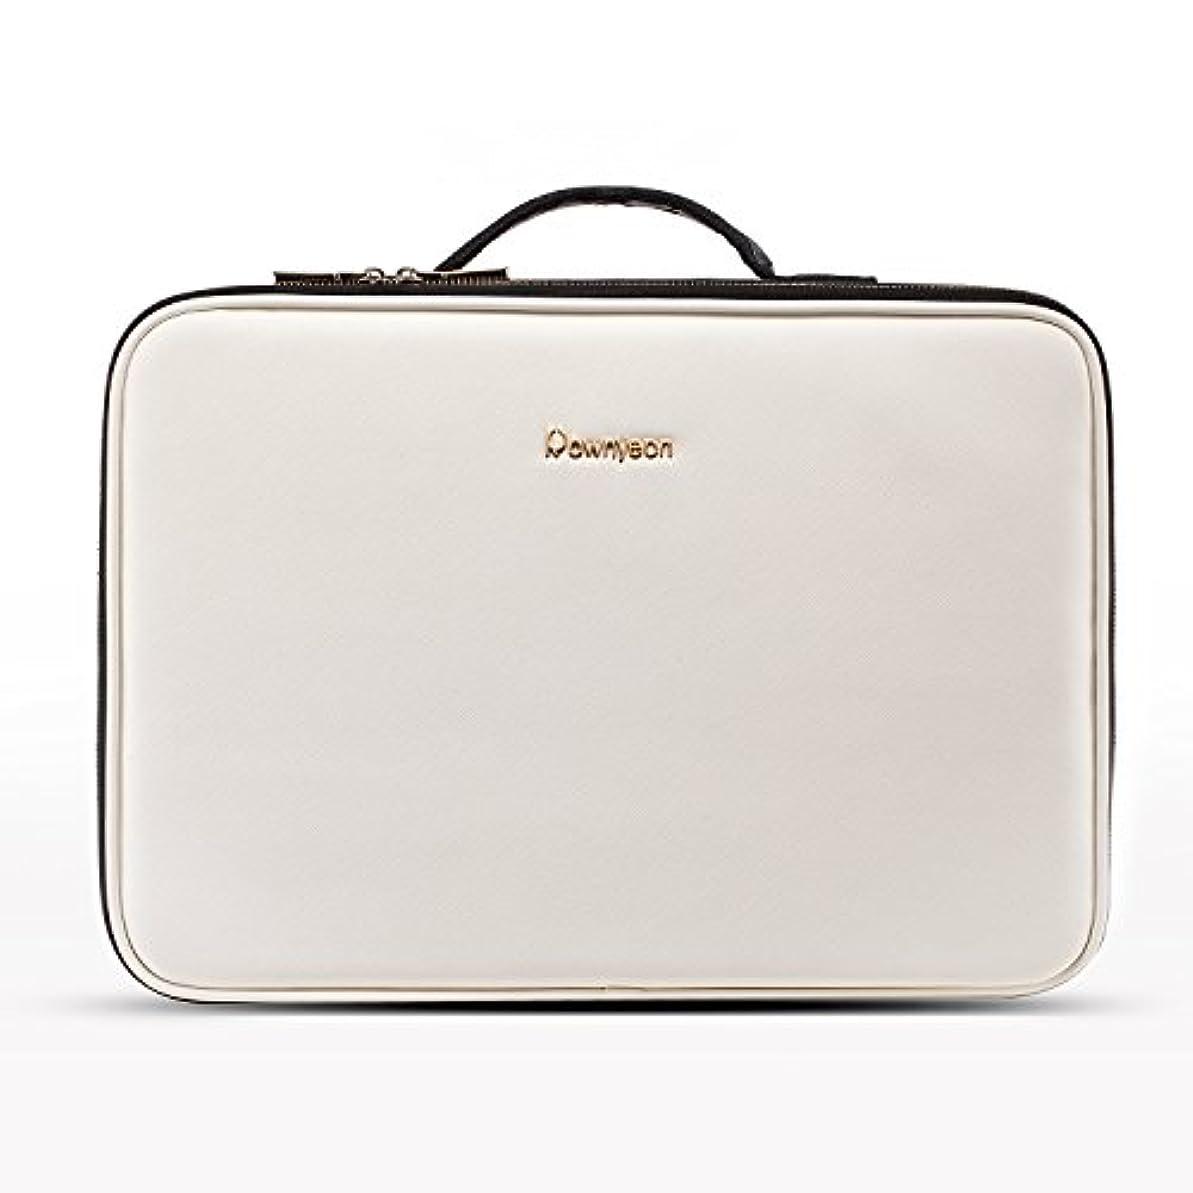 ローブ着服調停するRownyeon プロ用 メイクボックス 大容量 機能的 防水 コスメボックス 化粧ボックス 大きい アーティスト コスメ収納 化粧品 収納 旅行用 スーツケース コスメケース